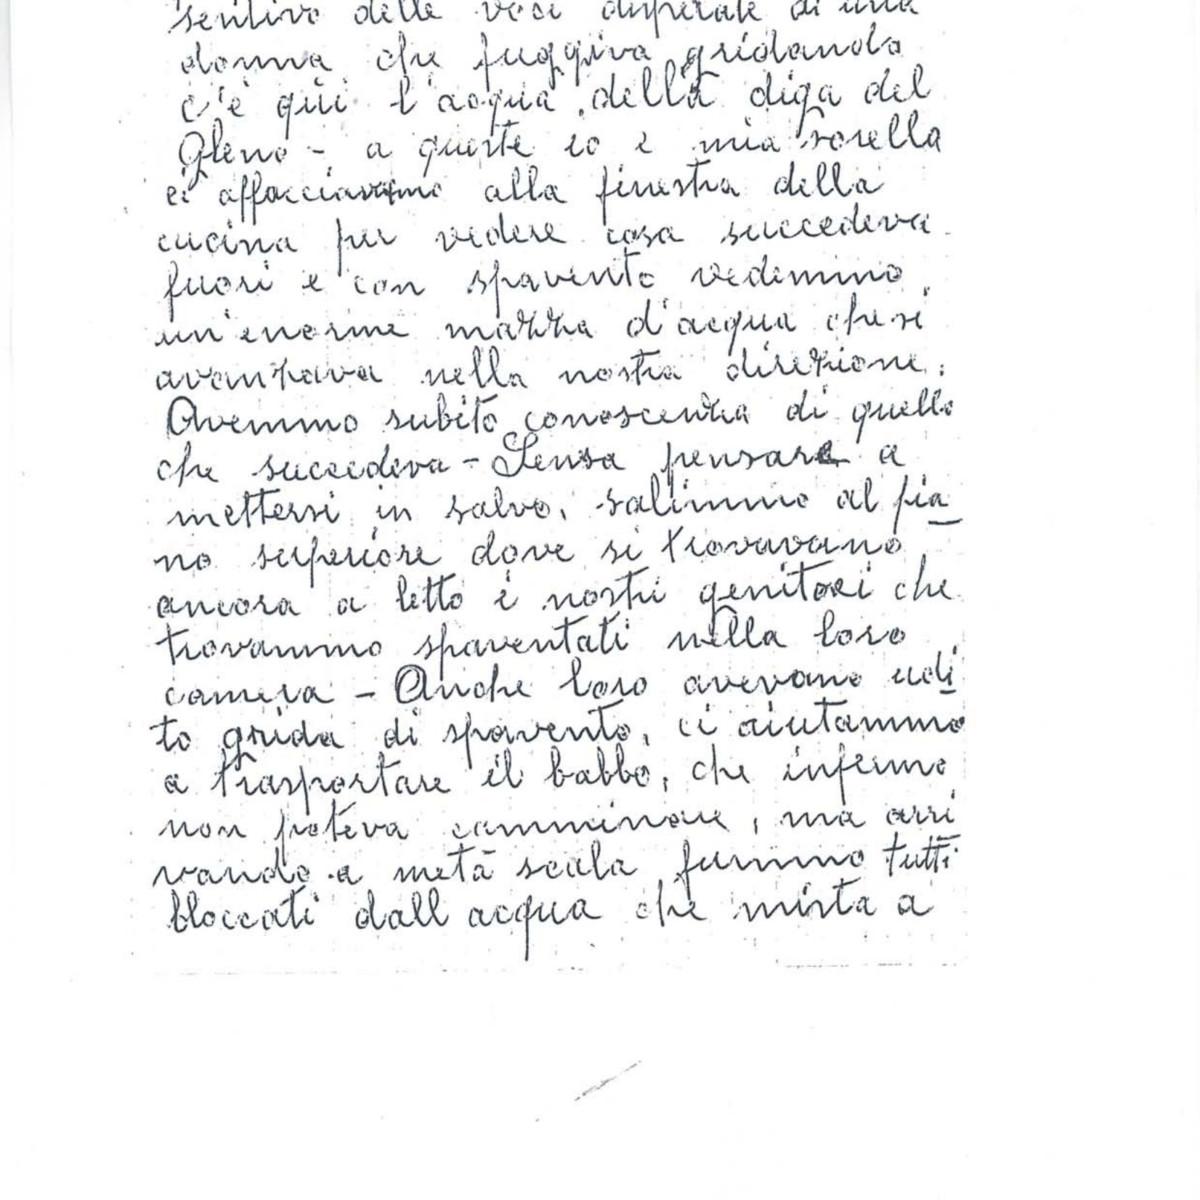 Lettera di Pedrocchi Maria vedova Visinoni_01